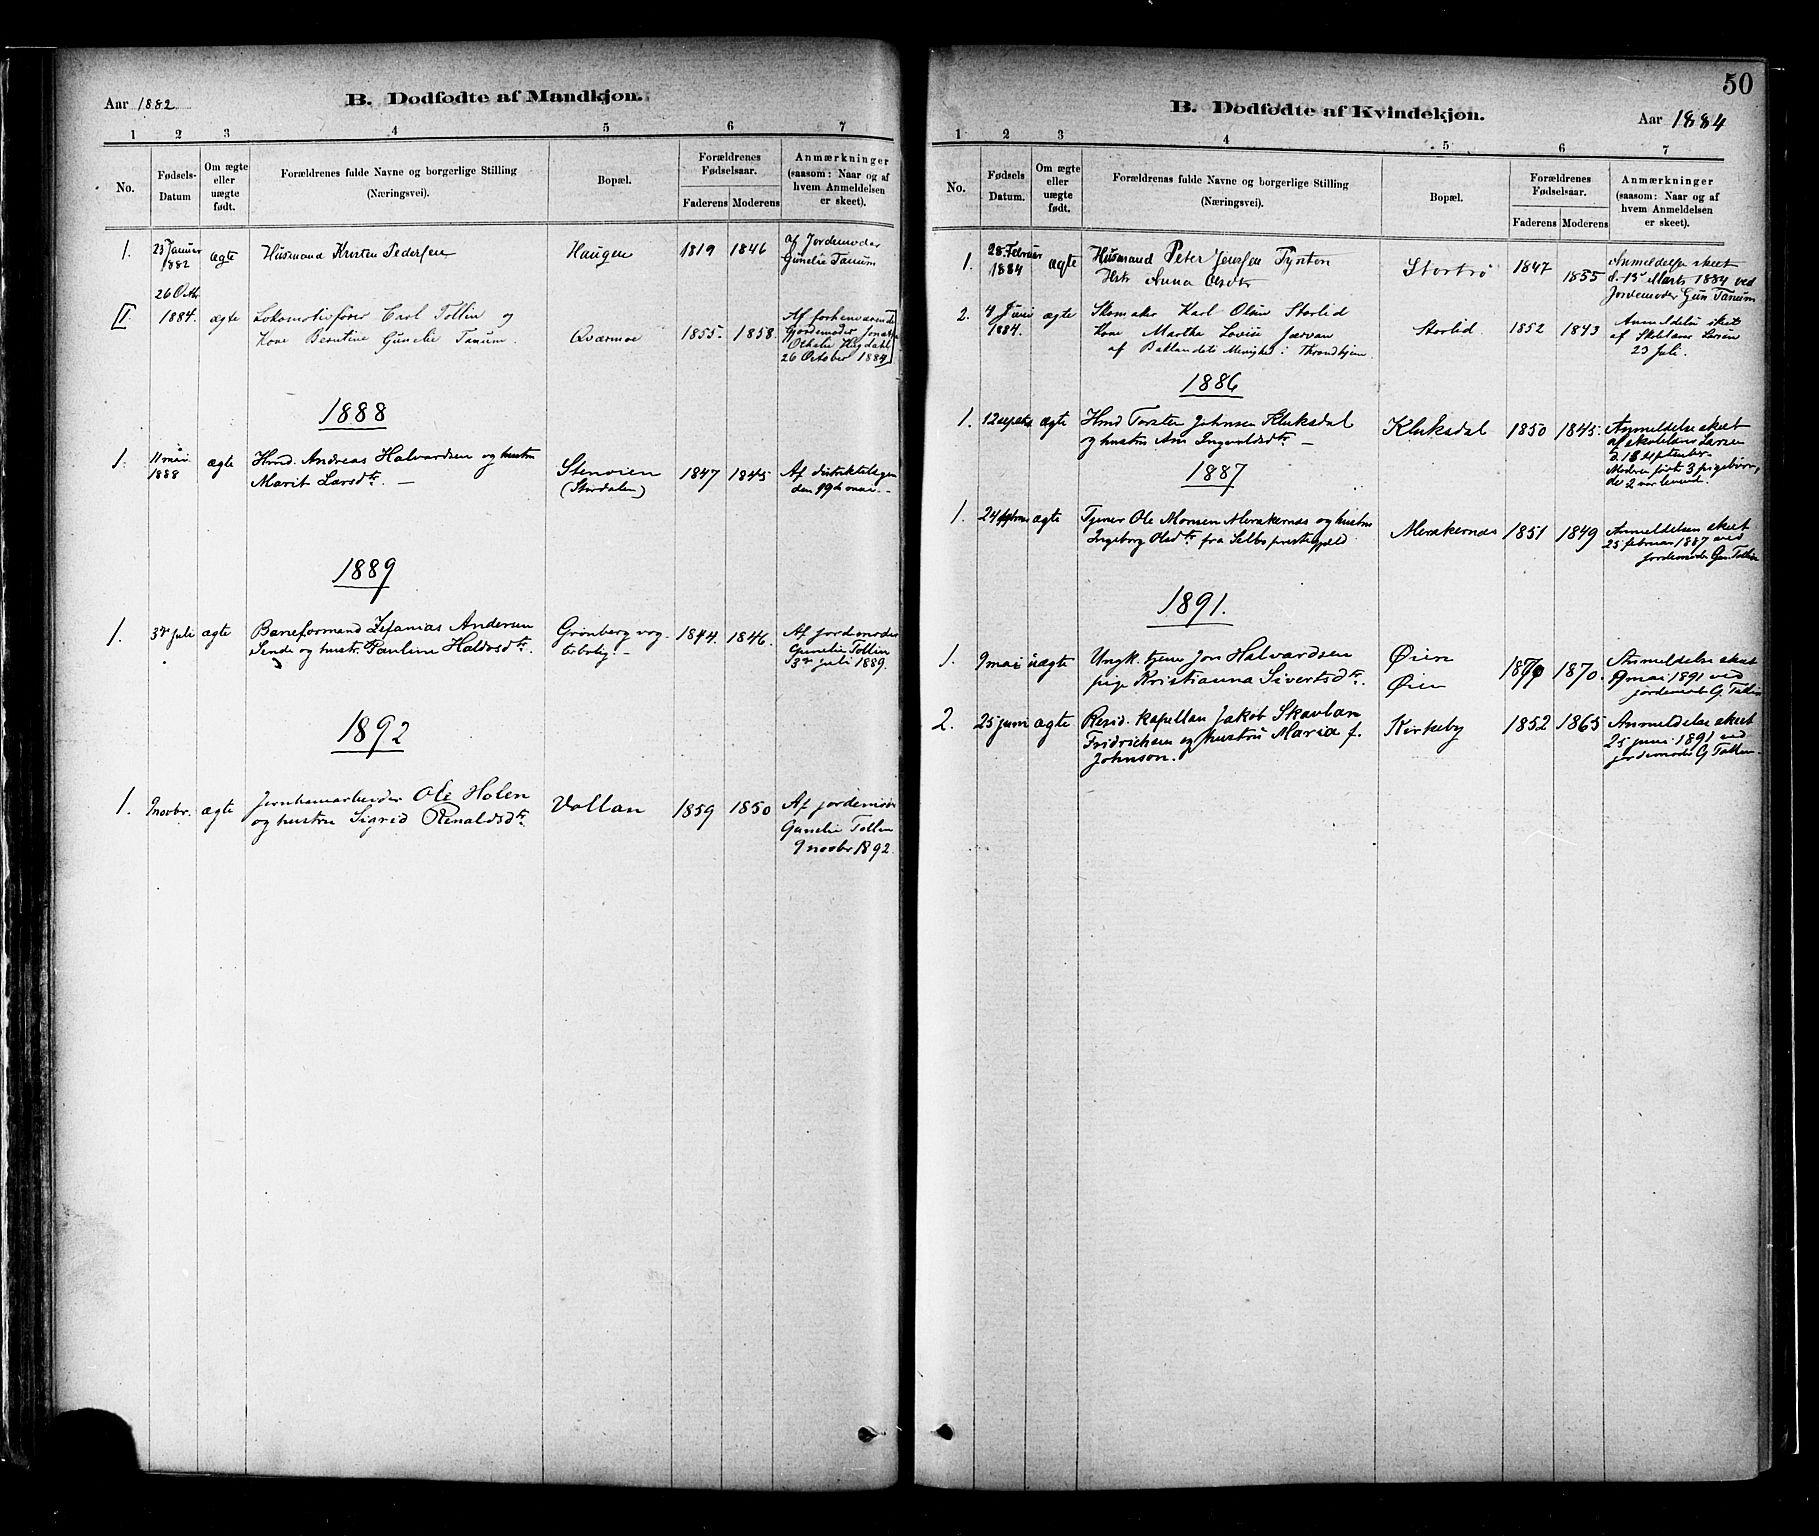 SAT, Ministerialprotokoller, klokkerbøker og fødselsregistre - Nord-Trøndelag, 706/L0047: Ministerialbok nr. 706A03, 1878-1892, s. 50